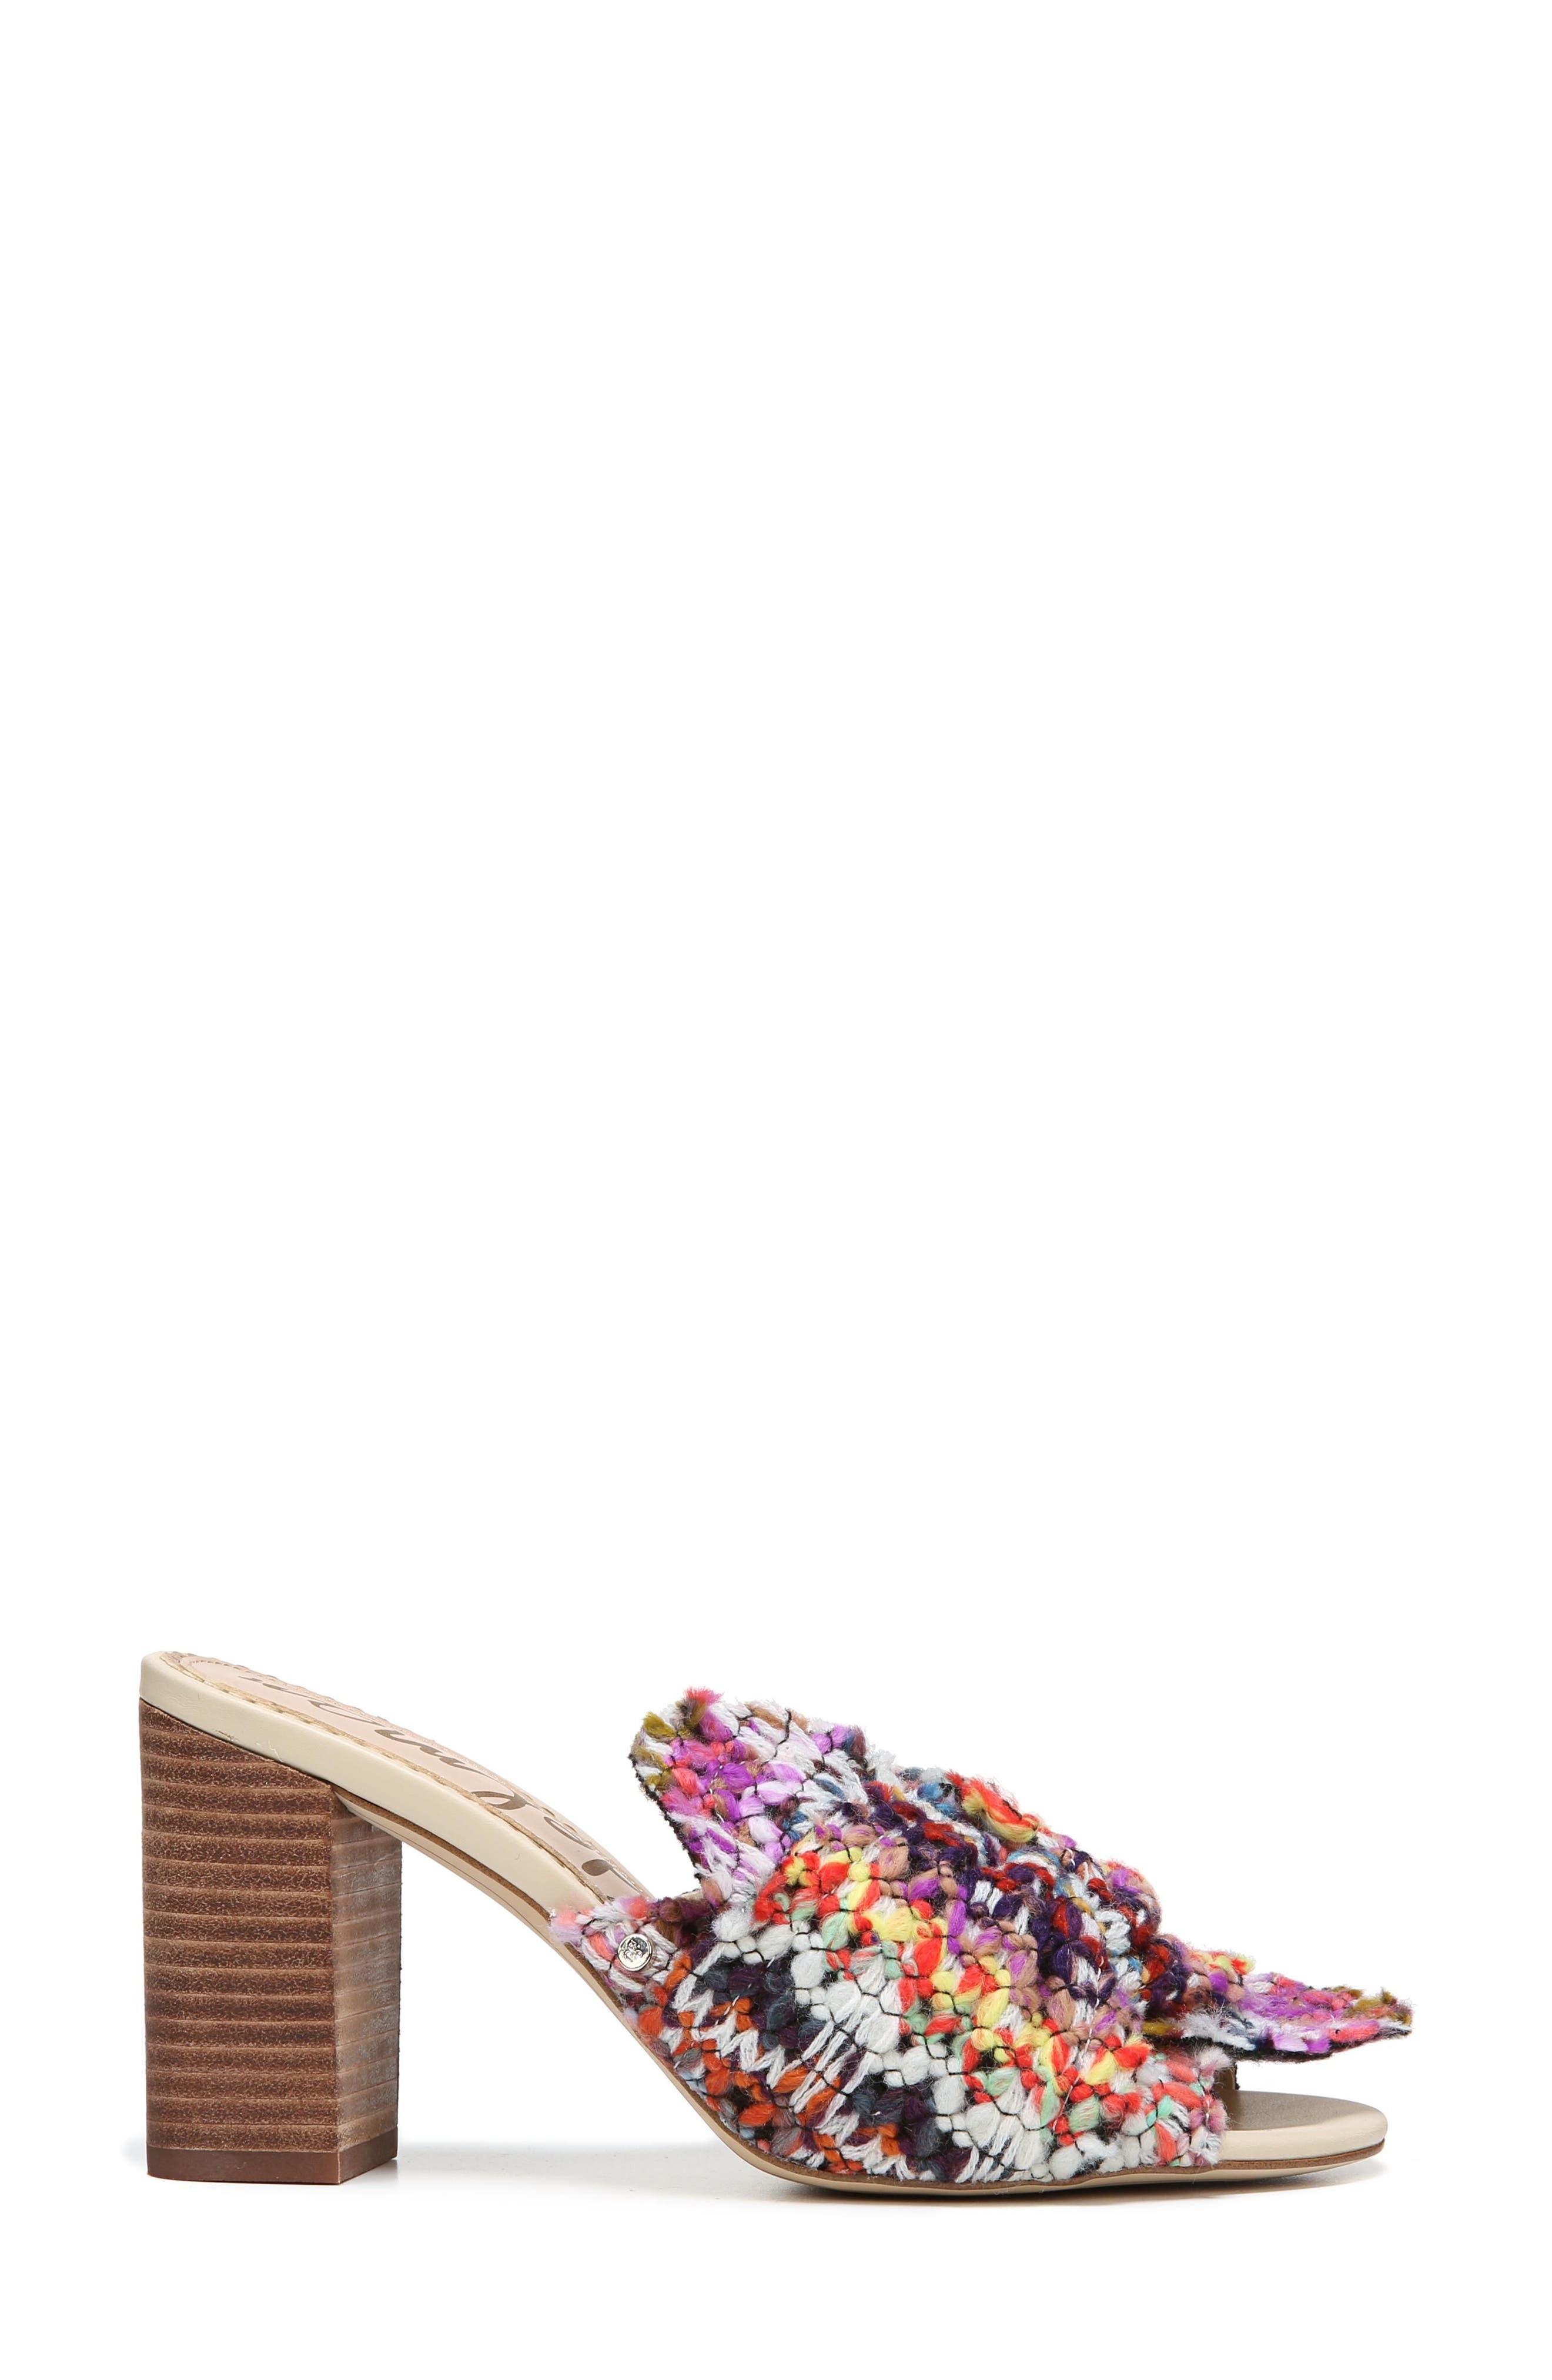 Oda Slide Sandal,                             Alternate thumbnail 3, color,                             100